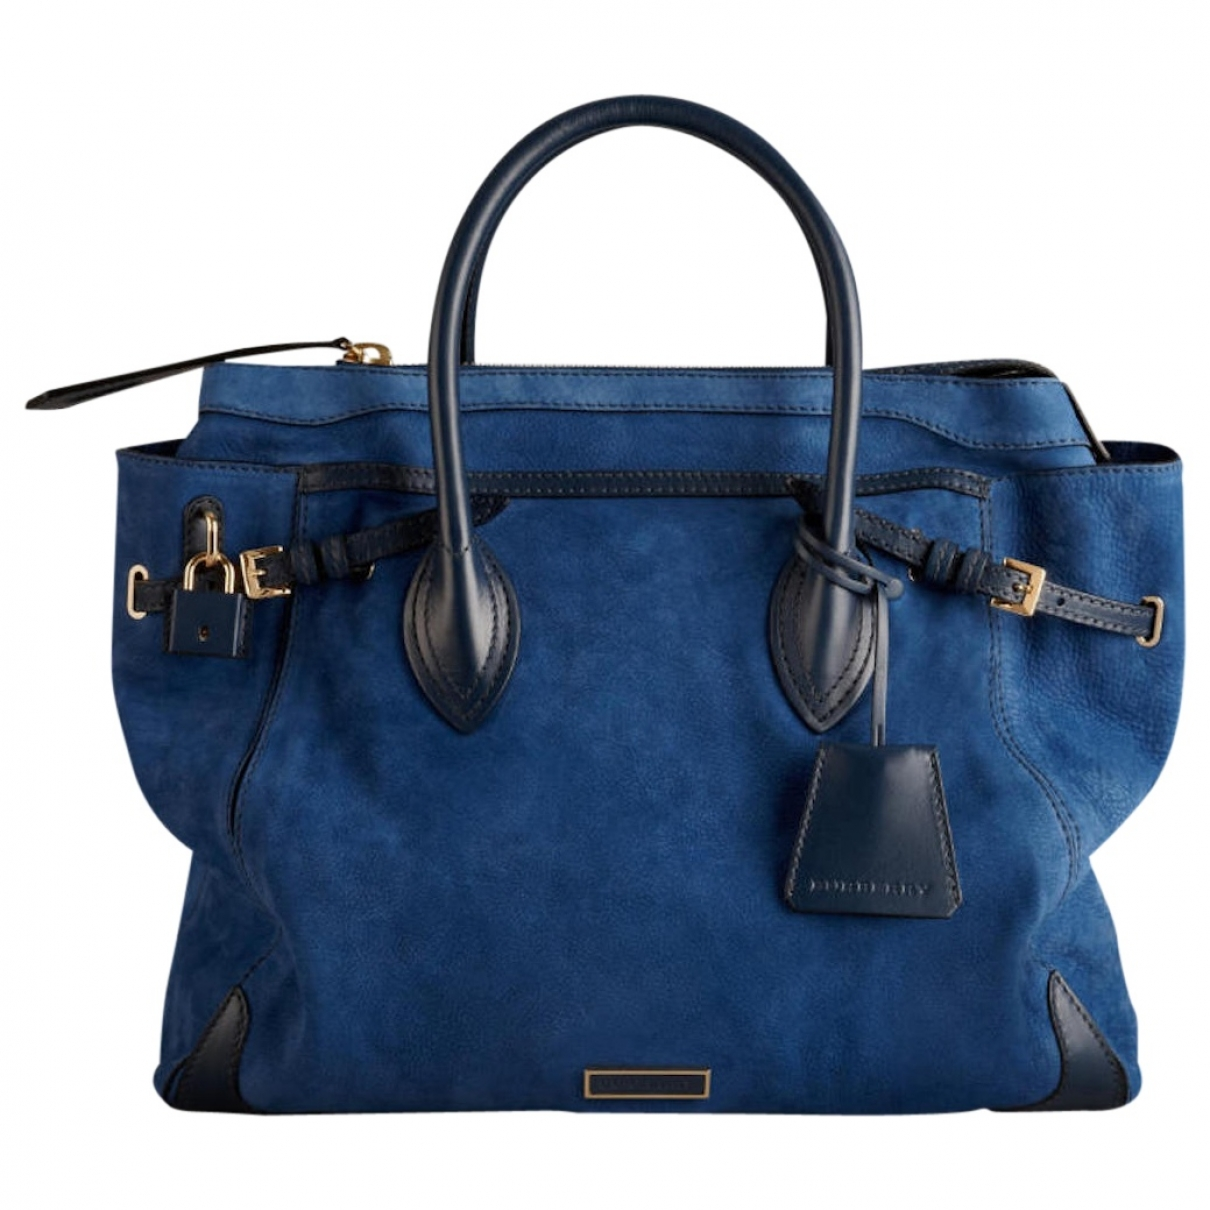 Burberry \N Navy Suede handbag for Women \N